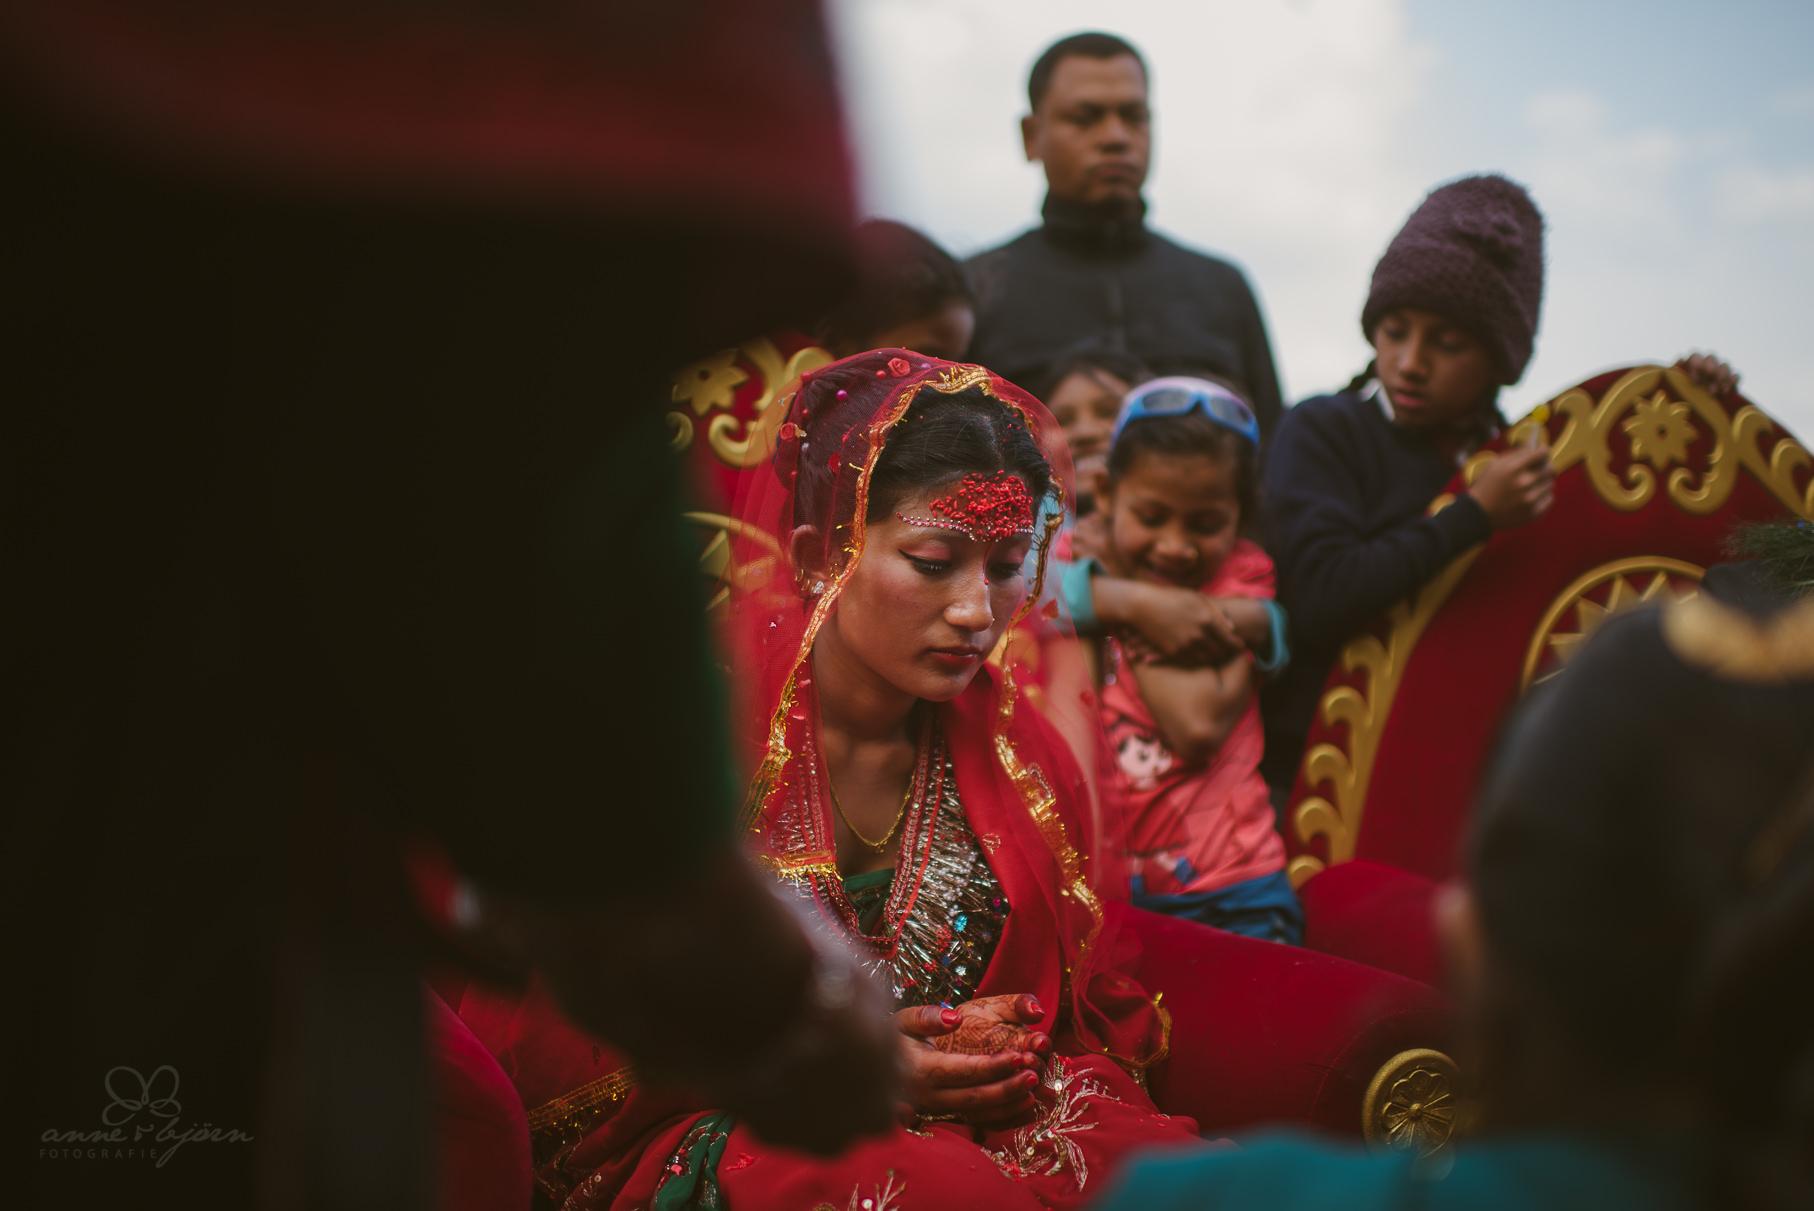 0030 anne und bjoern chitwan nationalpark nepal d75 3965 2 - Nepal Teil 3 - Roadtrip, Chitwan Nationalpark und eine spontane Hochzeit